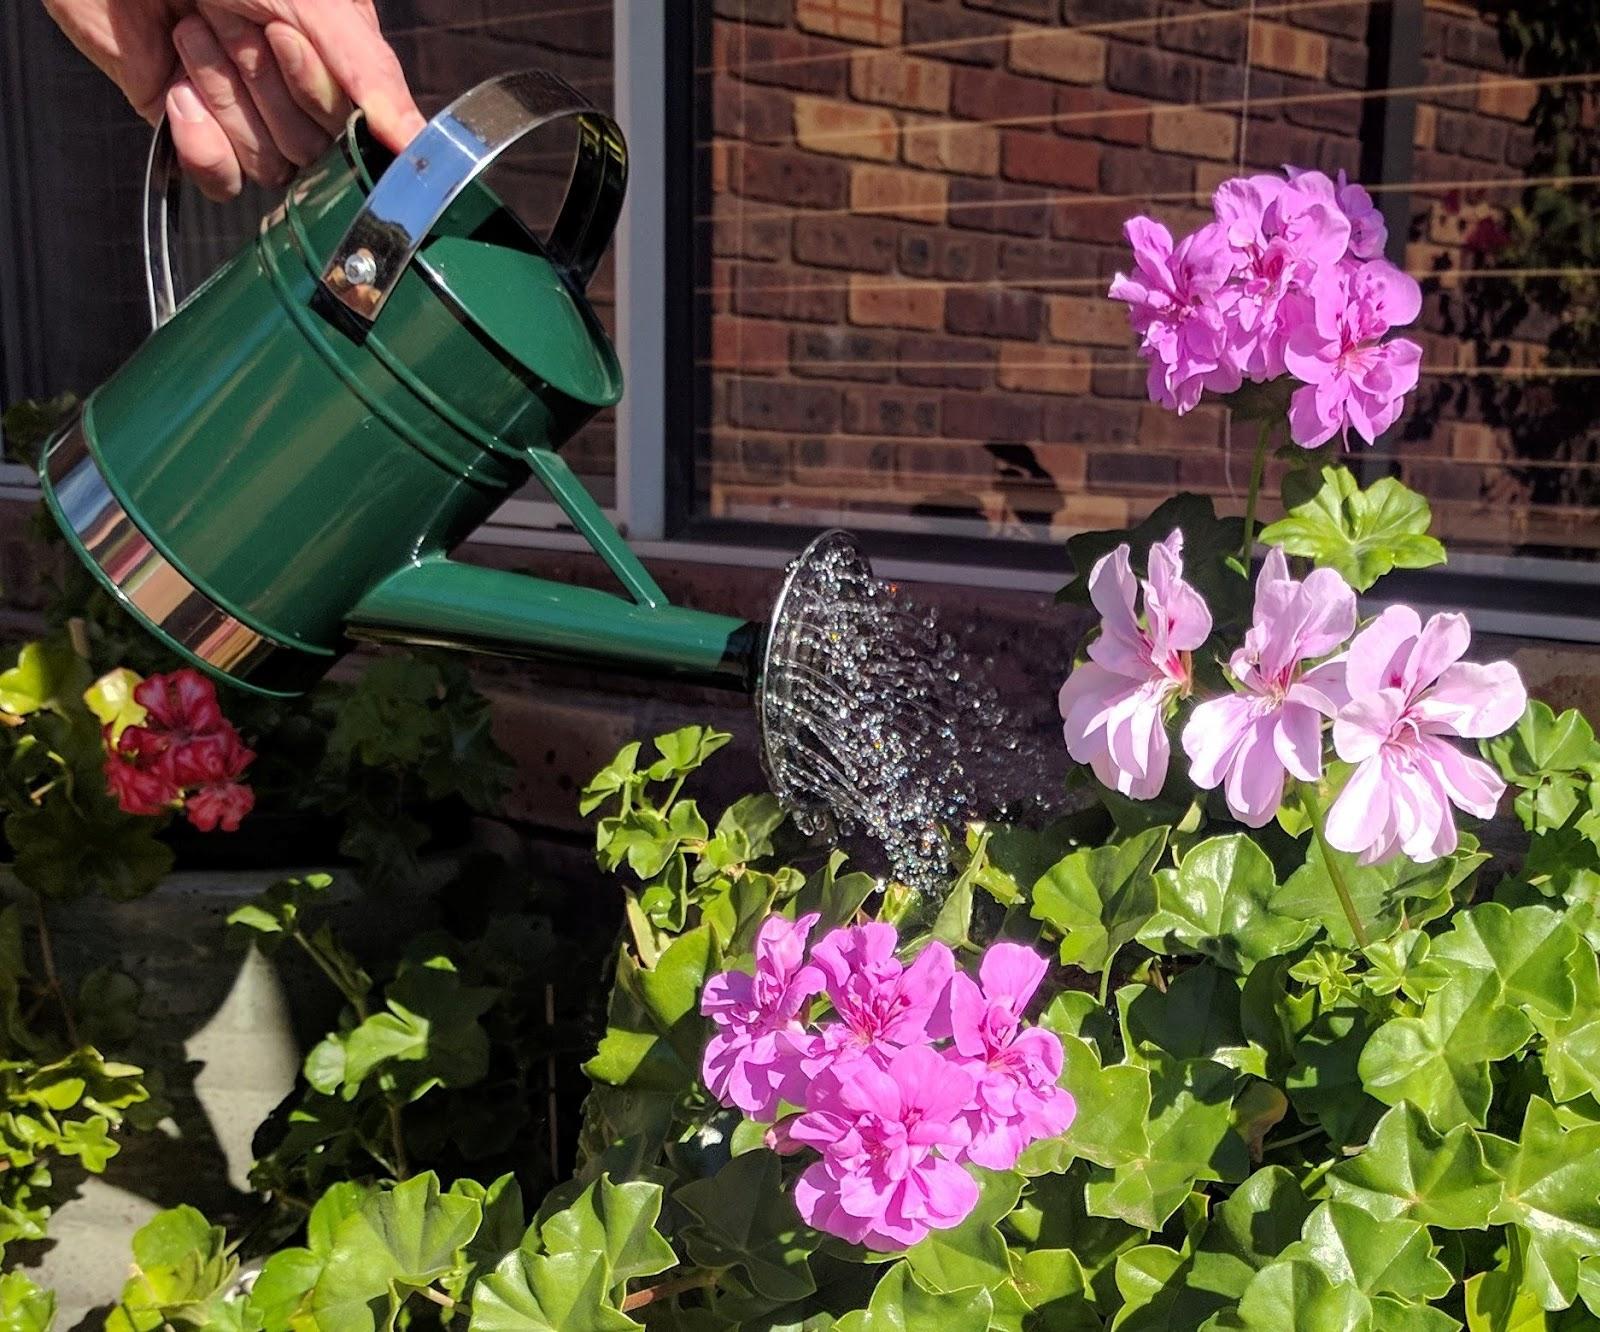 Watering geraniums